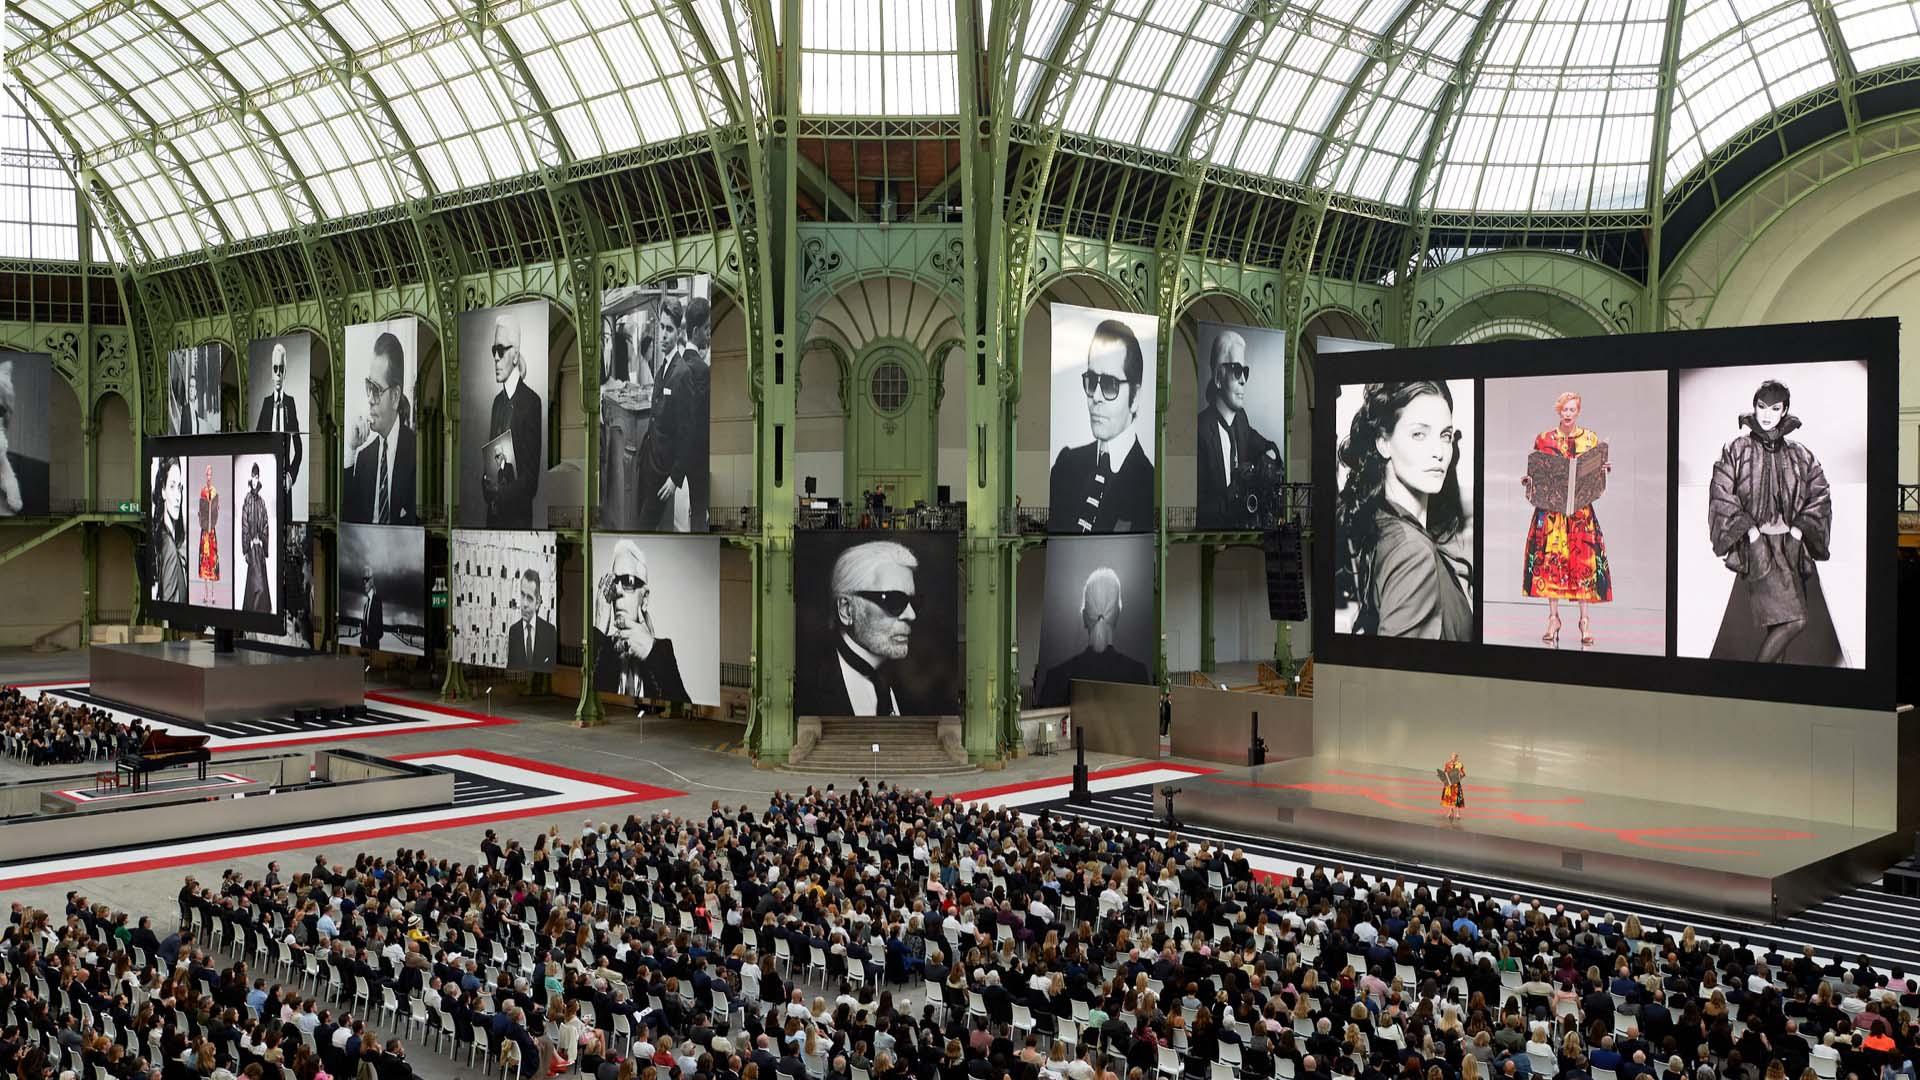 El lugar estuvo decorado con fotos de Lagerfeld de todos los tiempos.